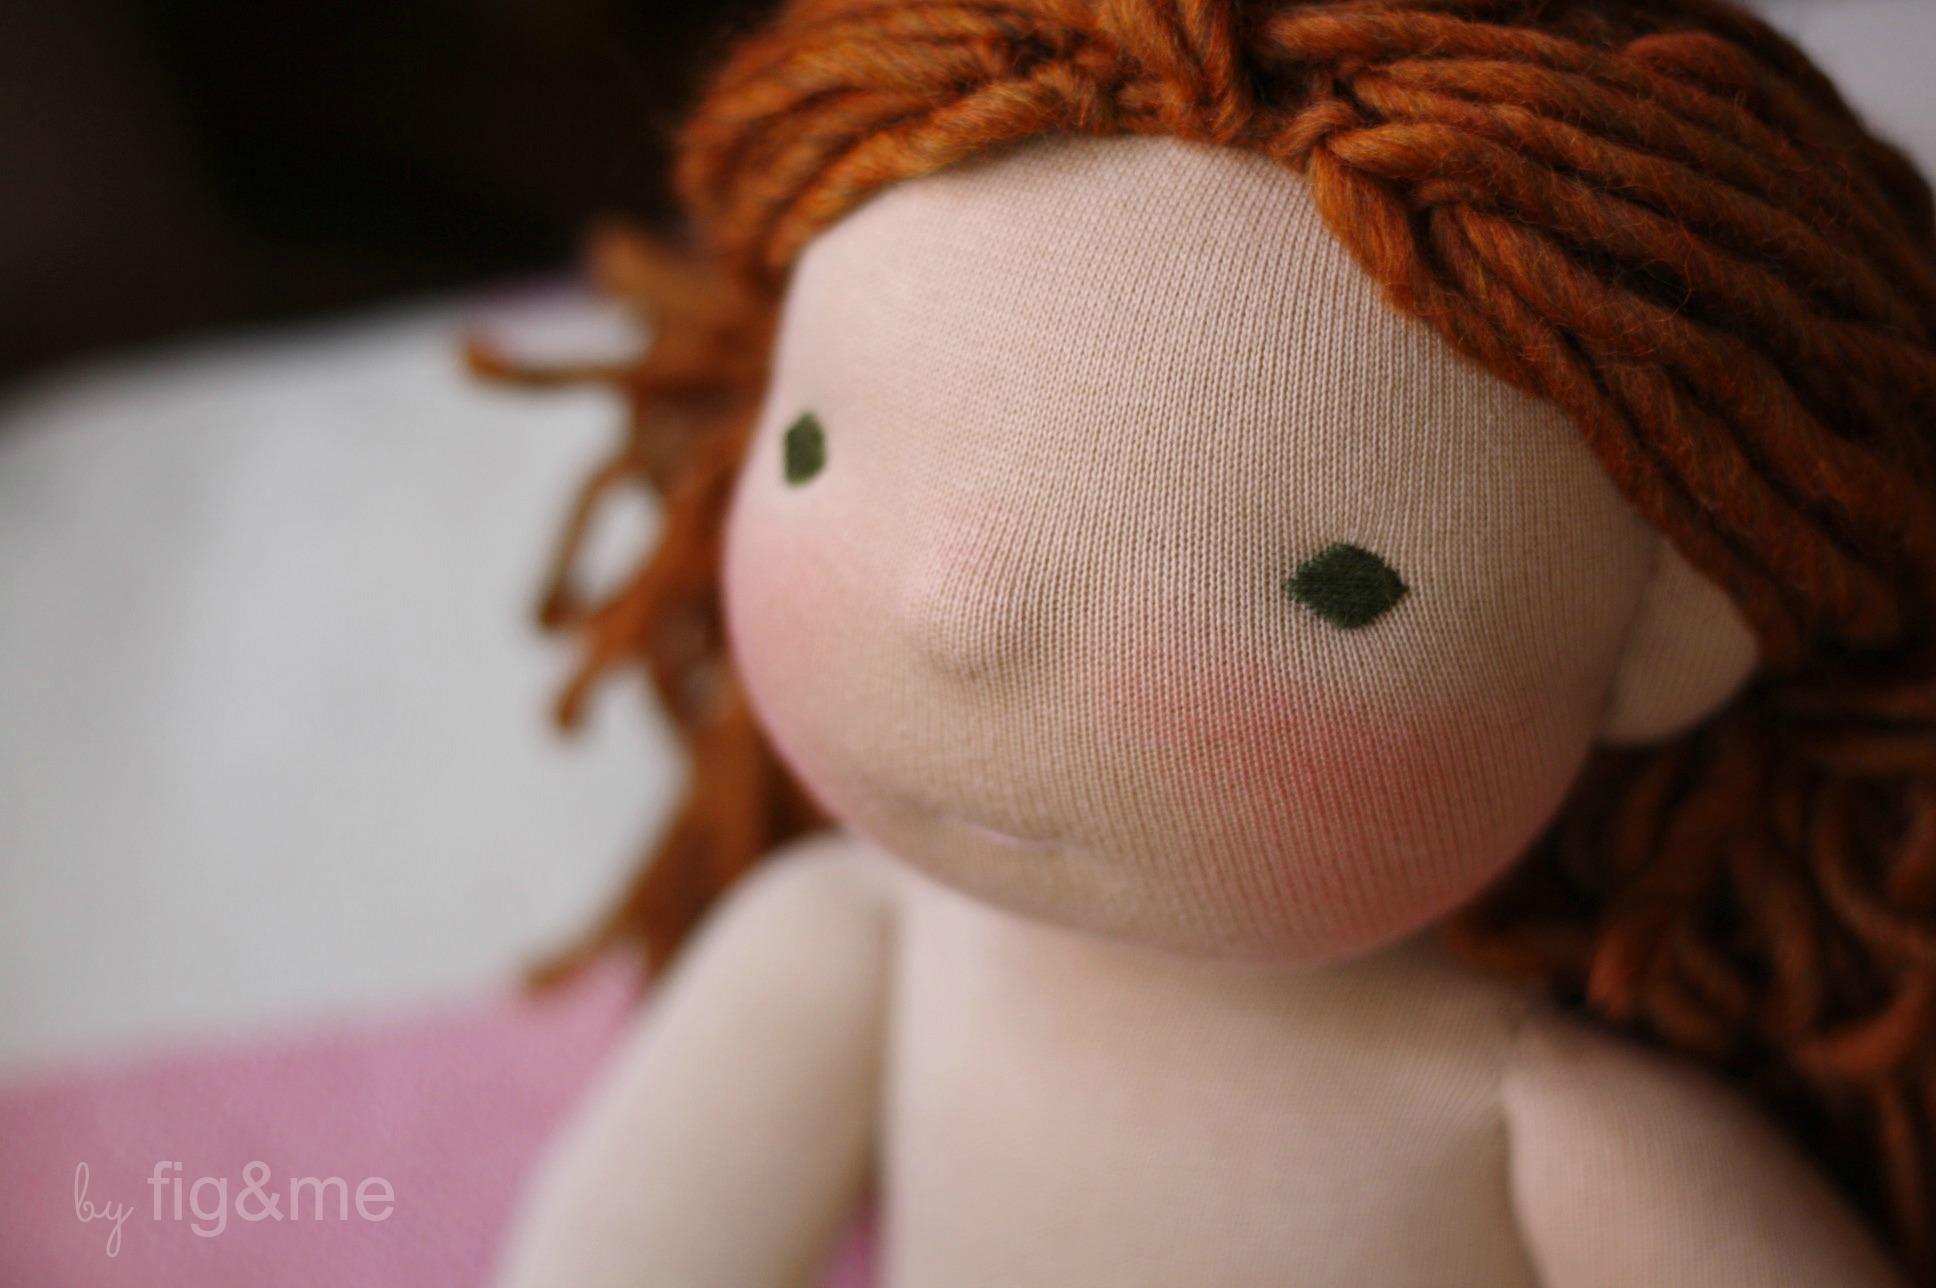 doll-yarn-hair-figandme.jpg